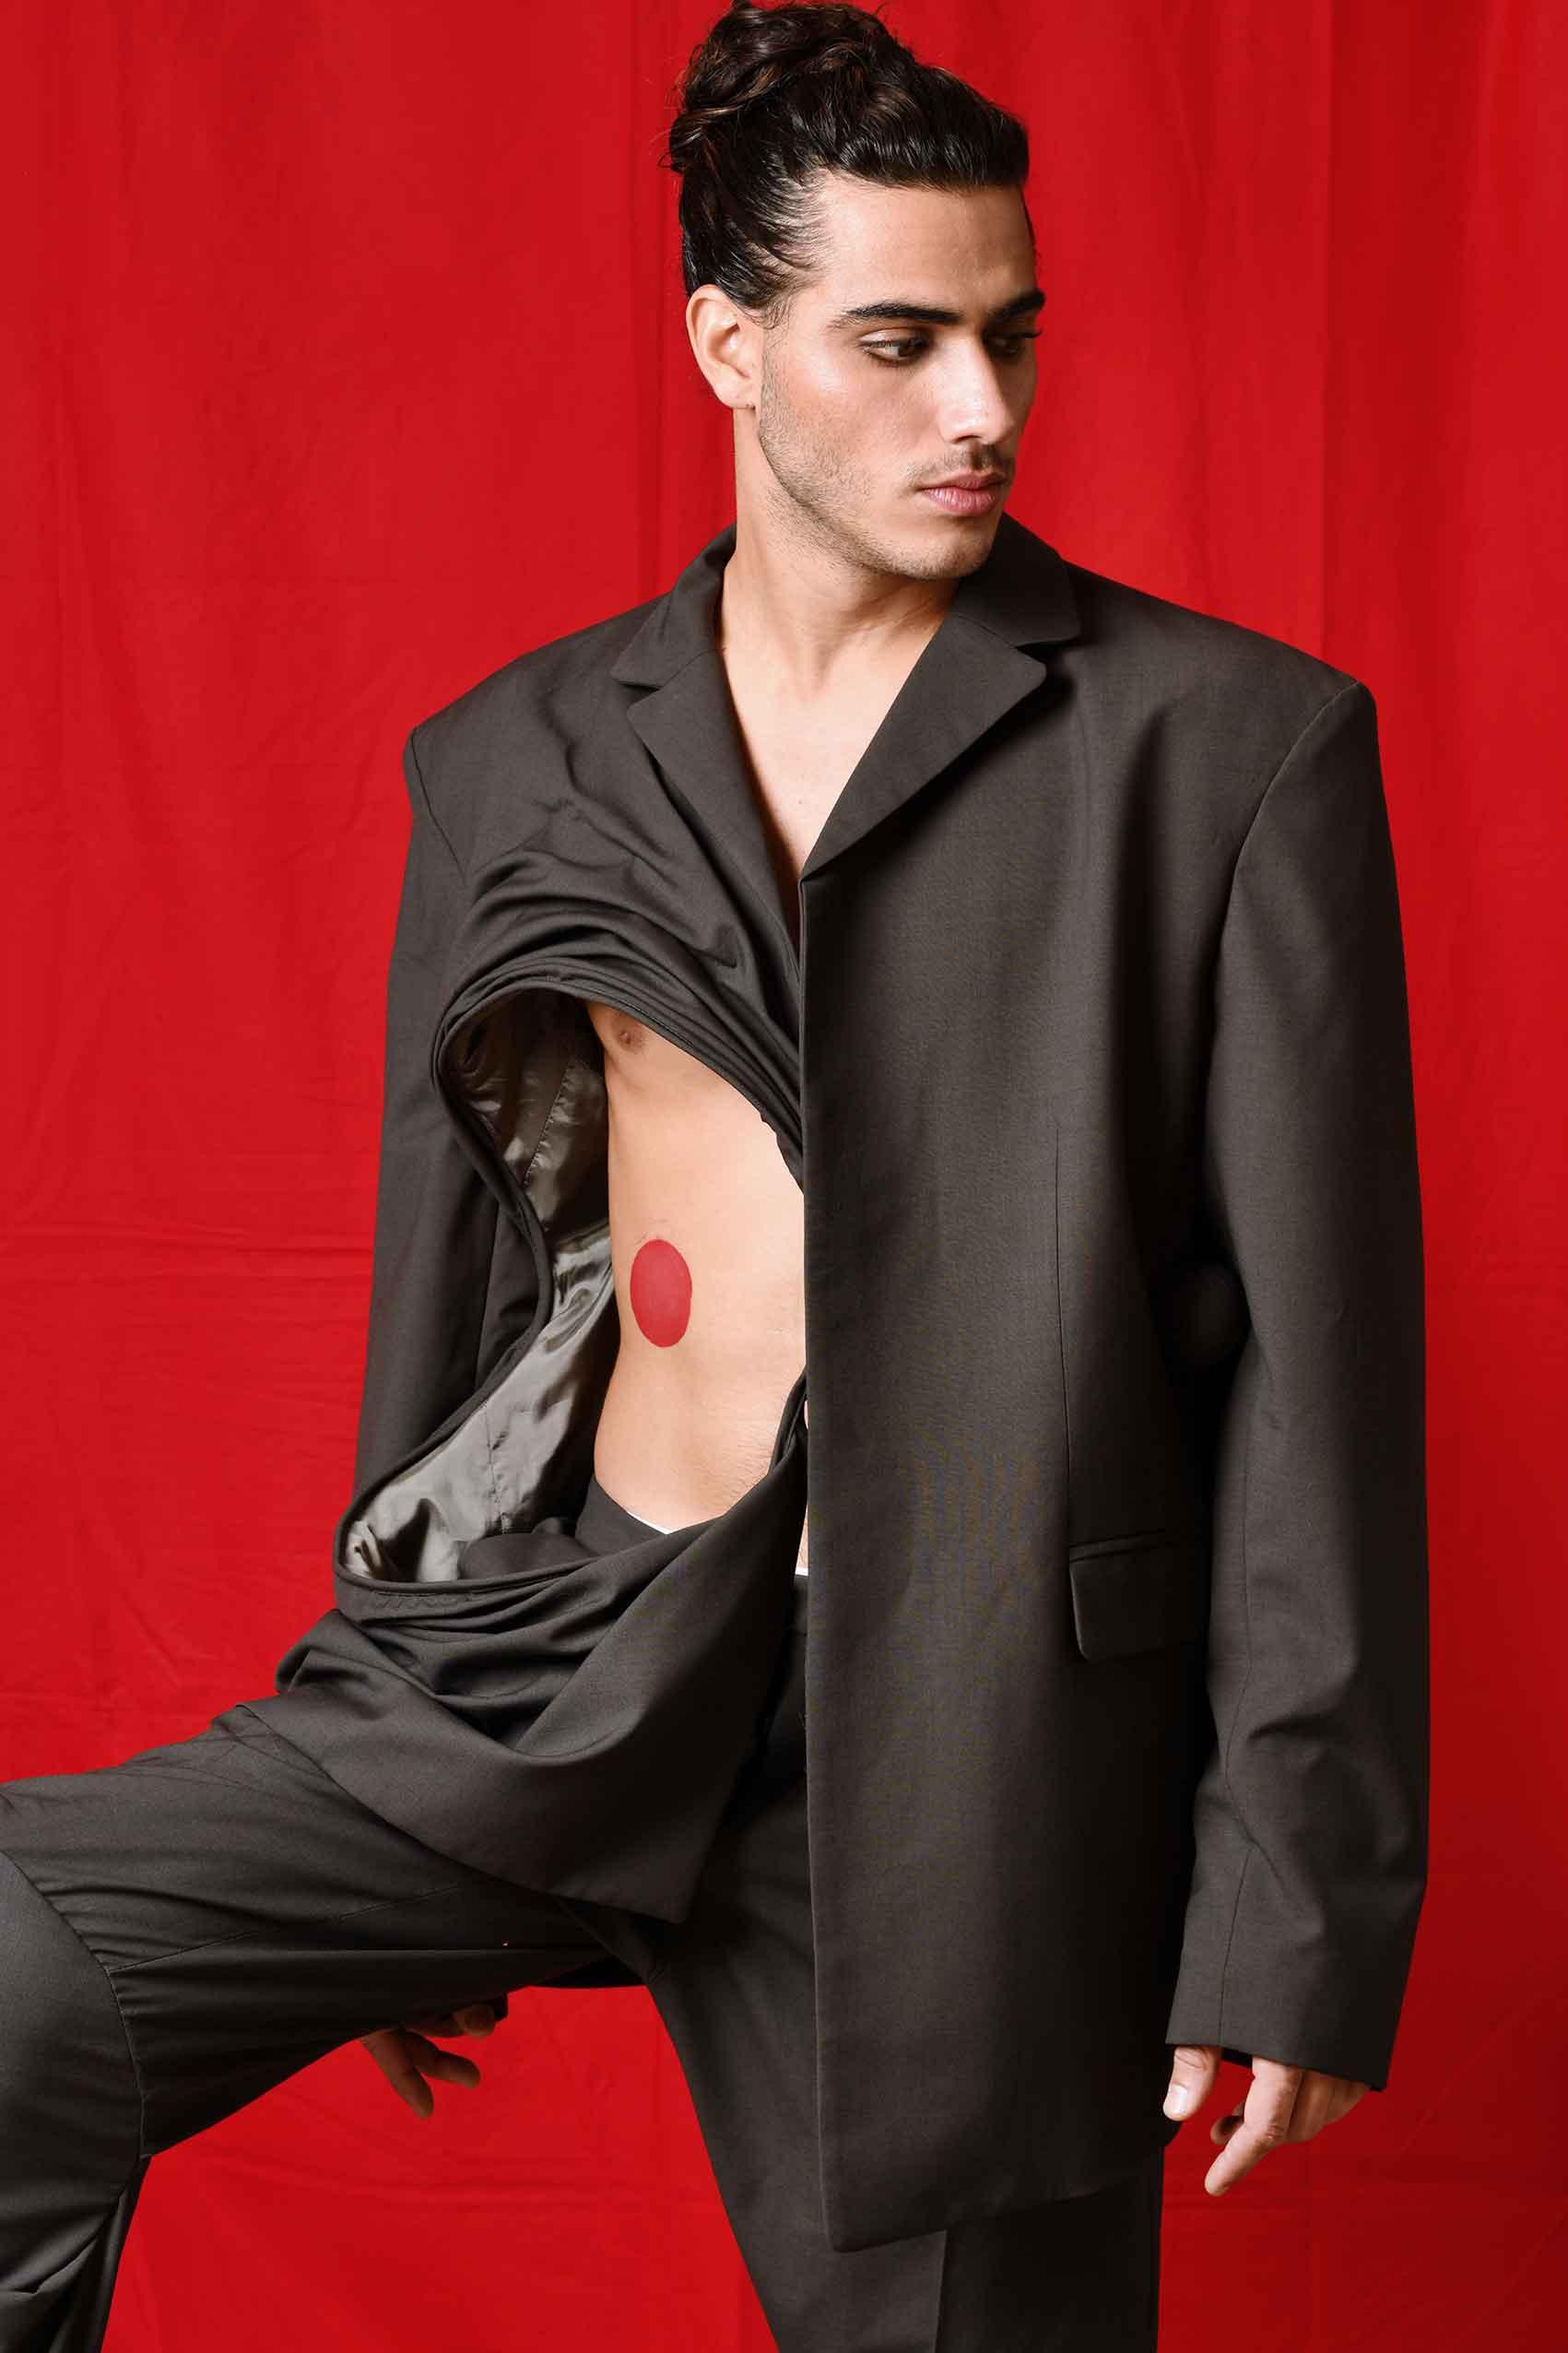 הפקות_אופנה_צילום: משה אהרון, ארט ואיפור: דנה ברכה, סטיילינג: חן ששון, דוגמן: בר אשכנזי, הפקה: Fashion Israel_מגזין_אופנה_לגבר